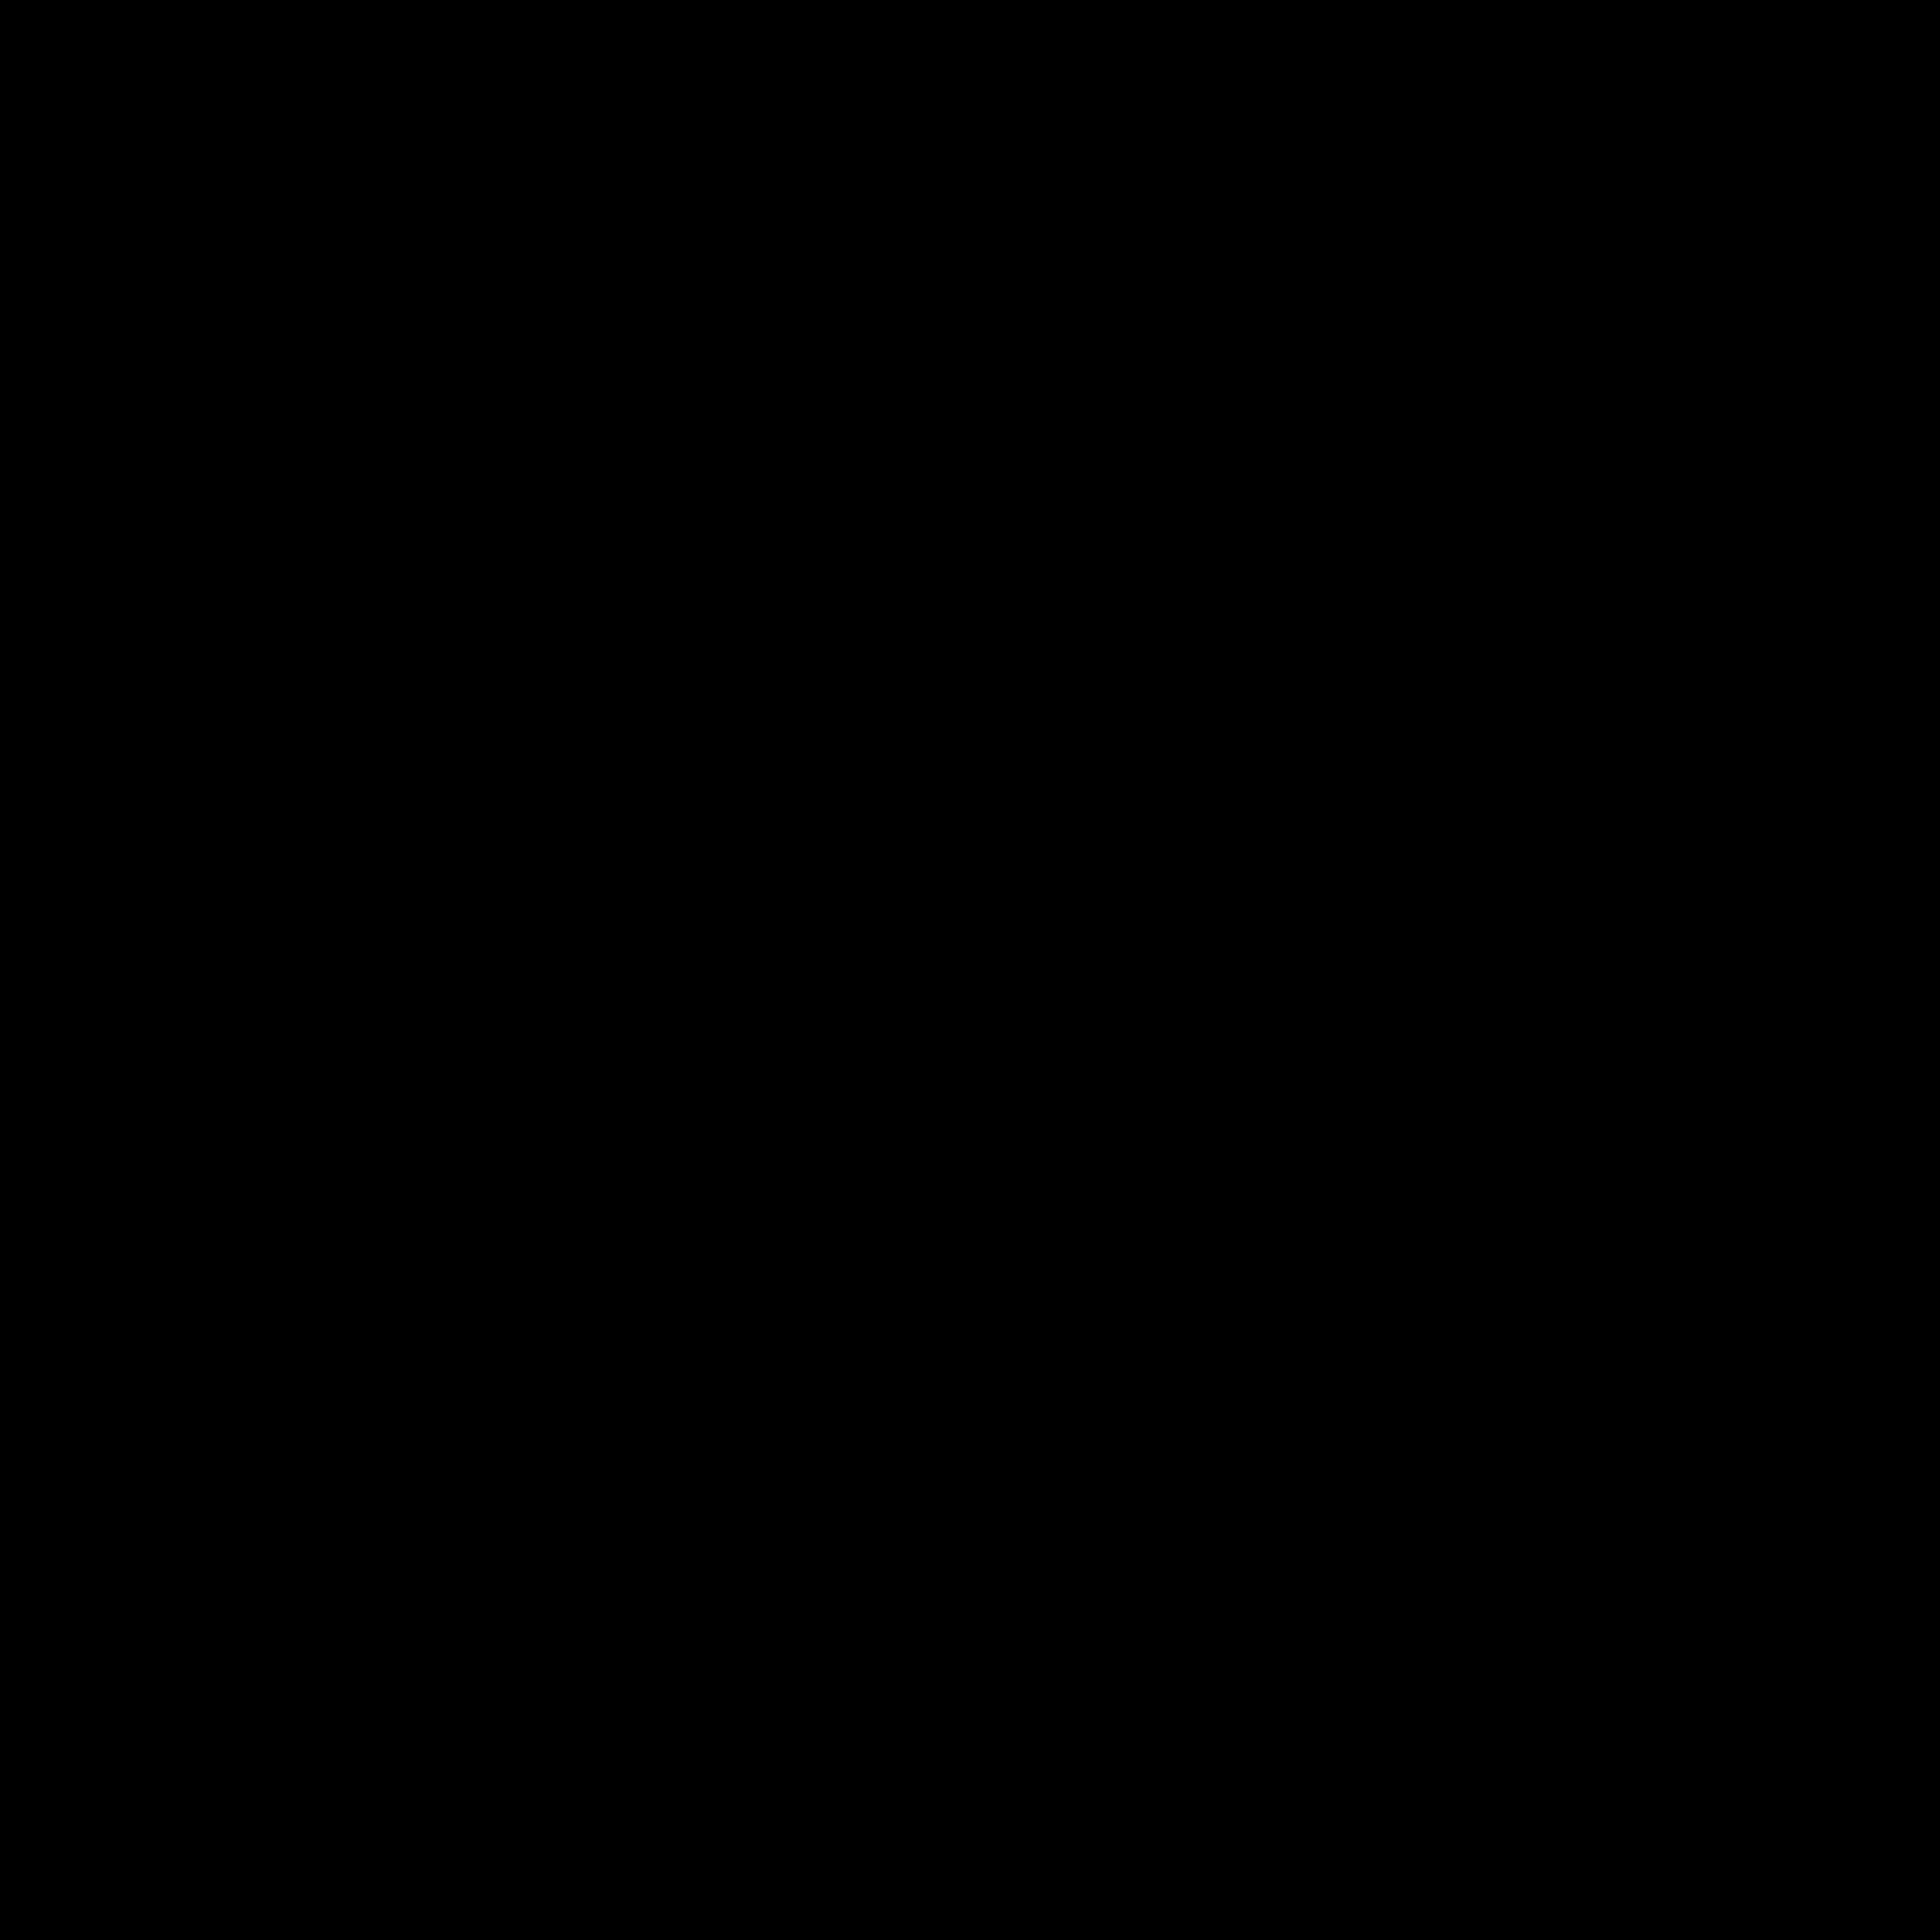 TornadoAlley-03